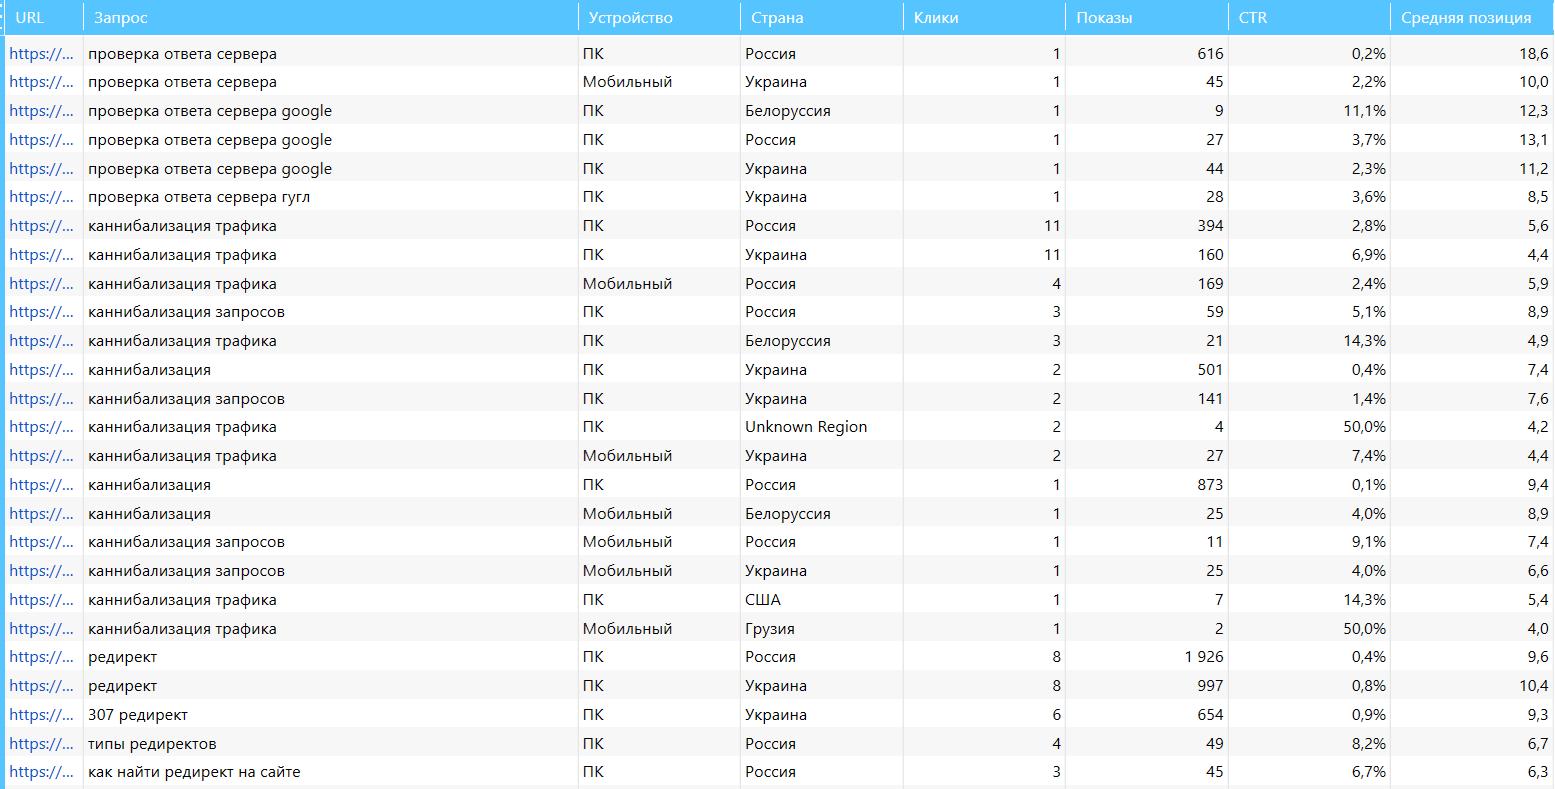 В модуле «База данных» краулера Netpeak Spider вы можете сравнивать эти и другие данные из Google Search Console сразу в одной таблице